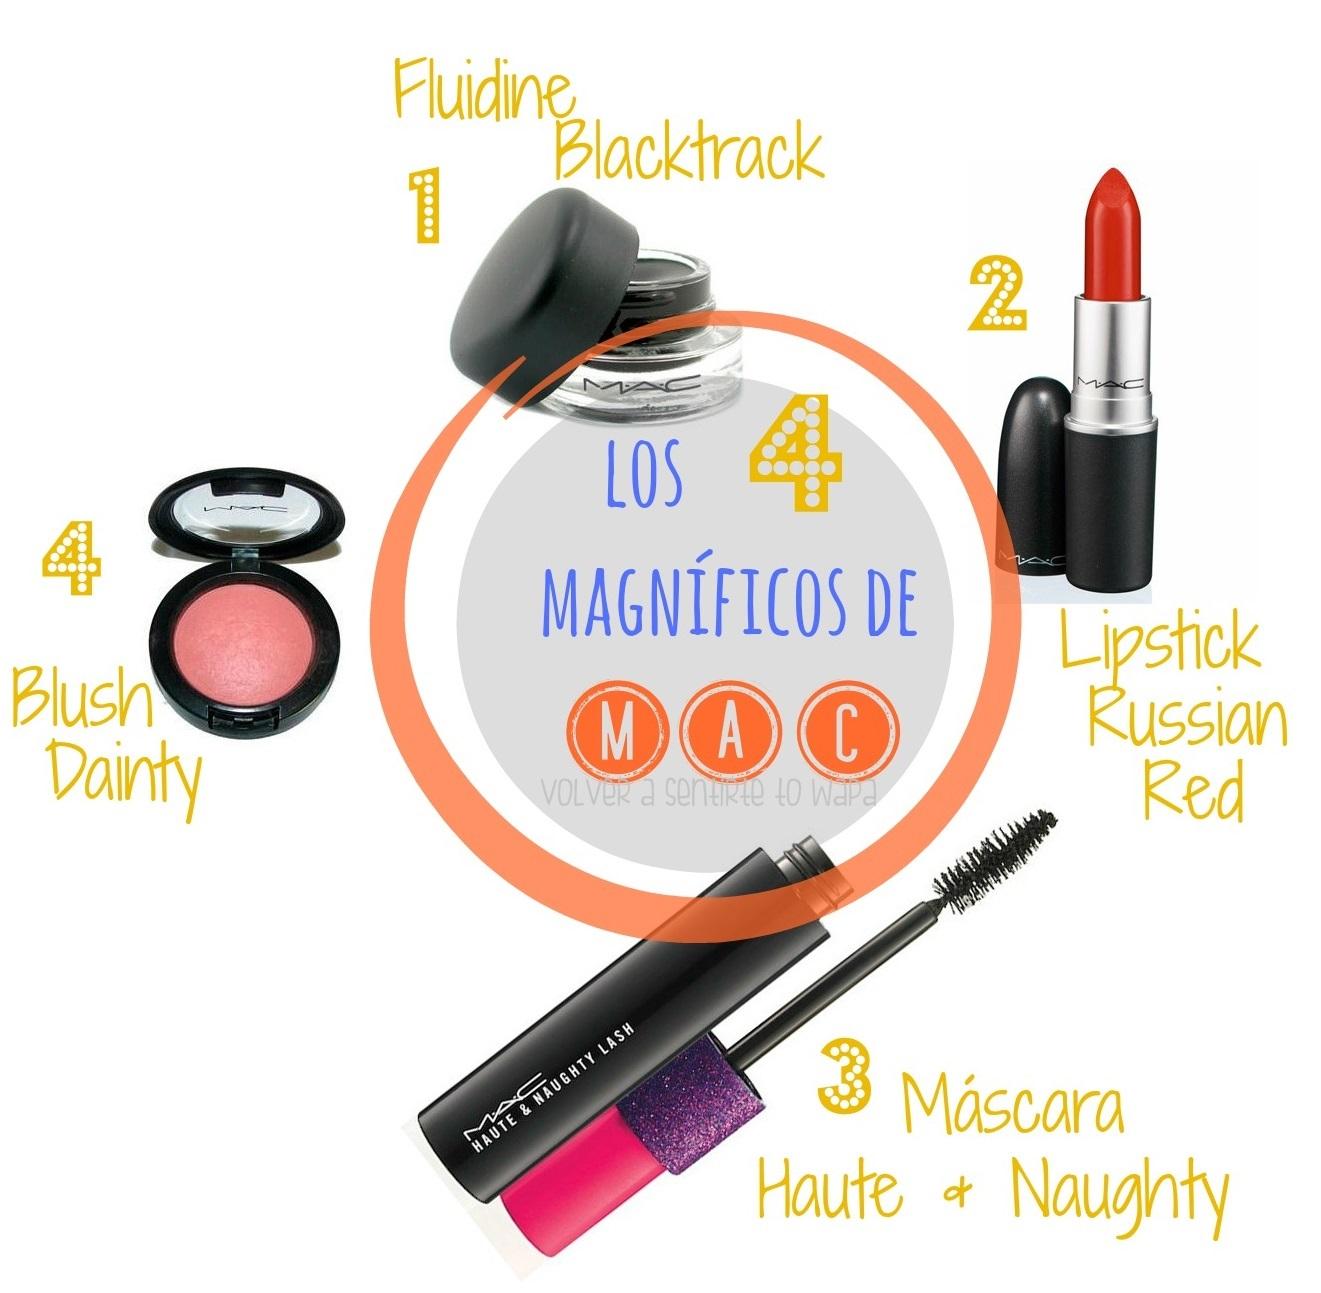 Los 4 productos de MAC más vendidos - Volver a Sentirte to Wapa